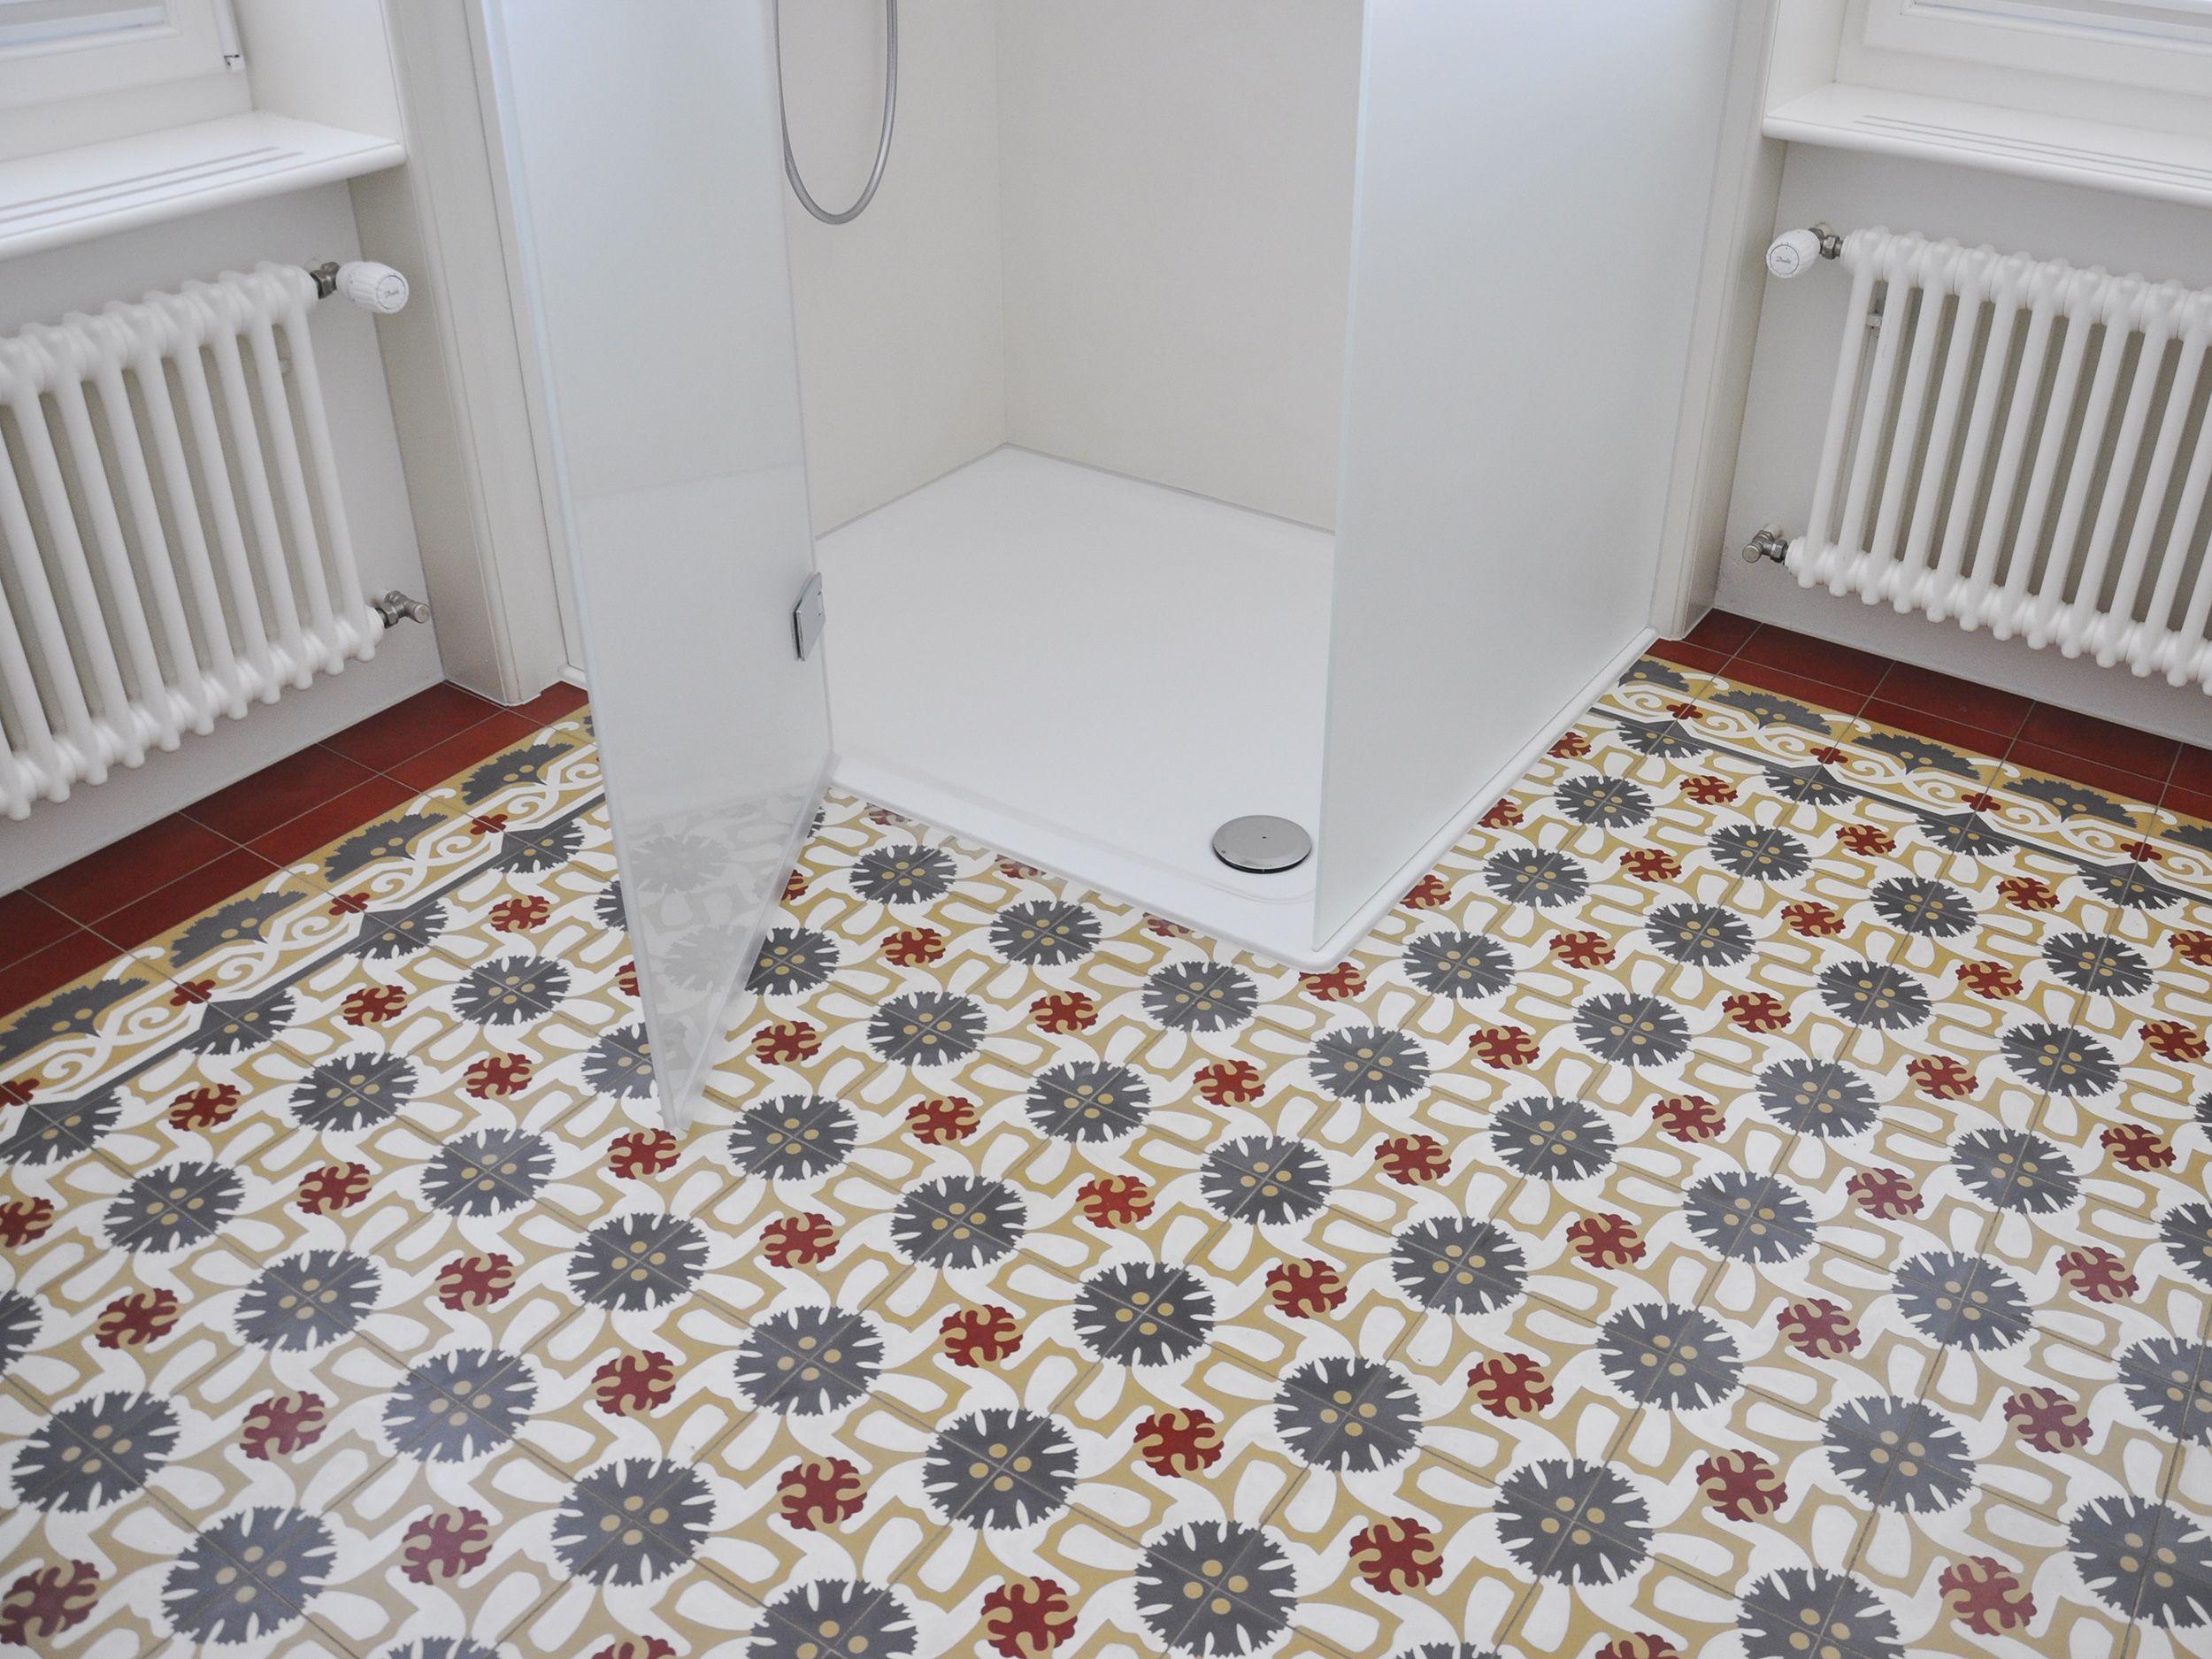 Einfamilienhaus In Gossau Keramik Bau Ag Badezimmer Design Bodenfliesen Muster Bad Inspiration